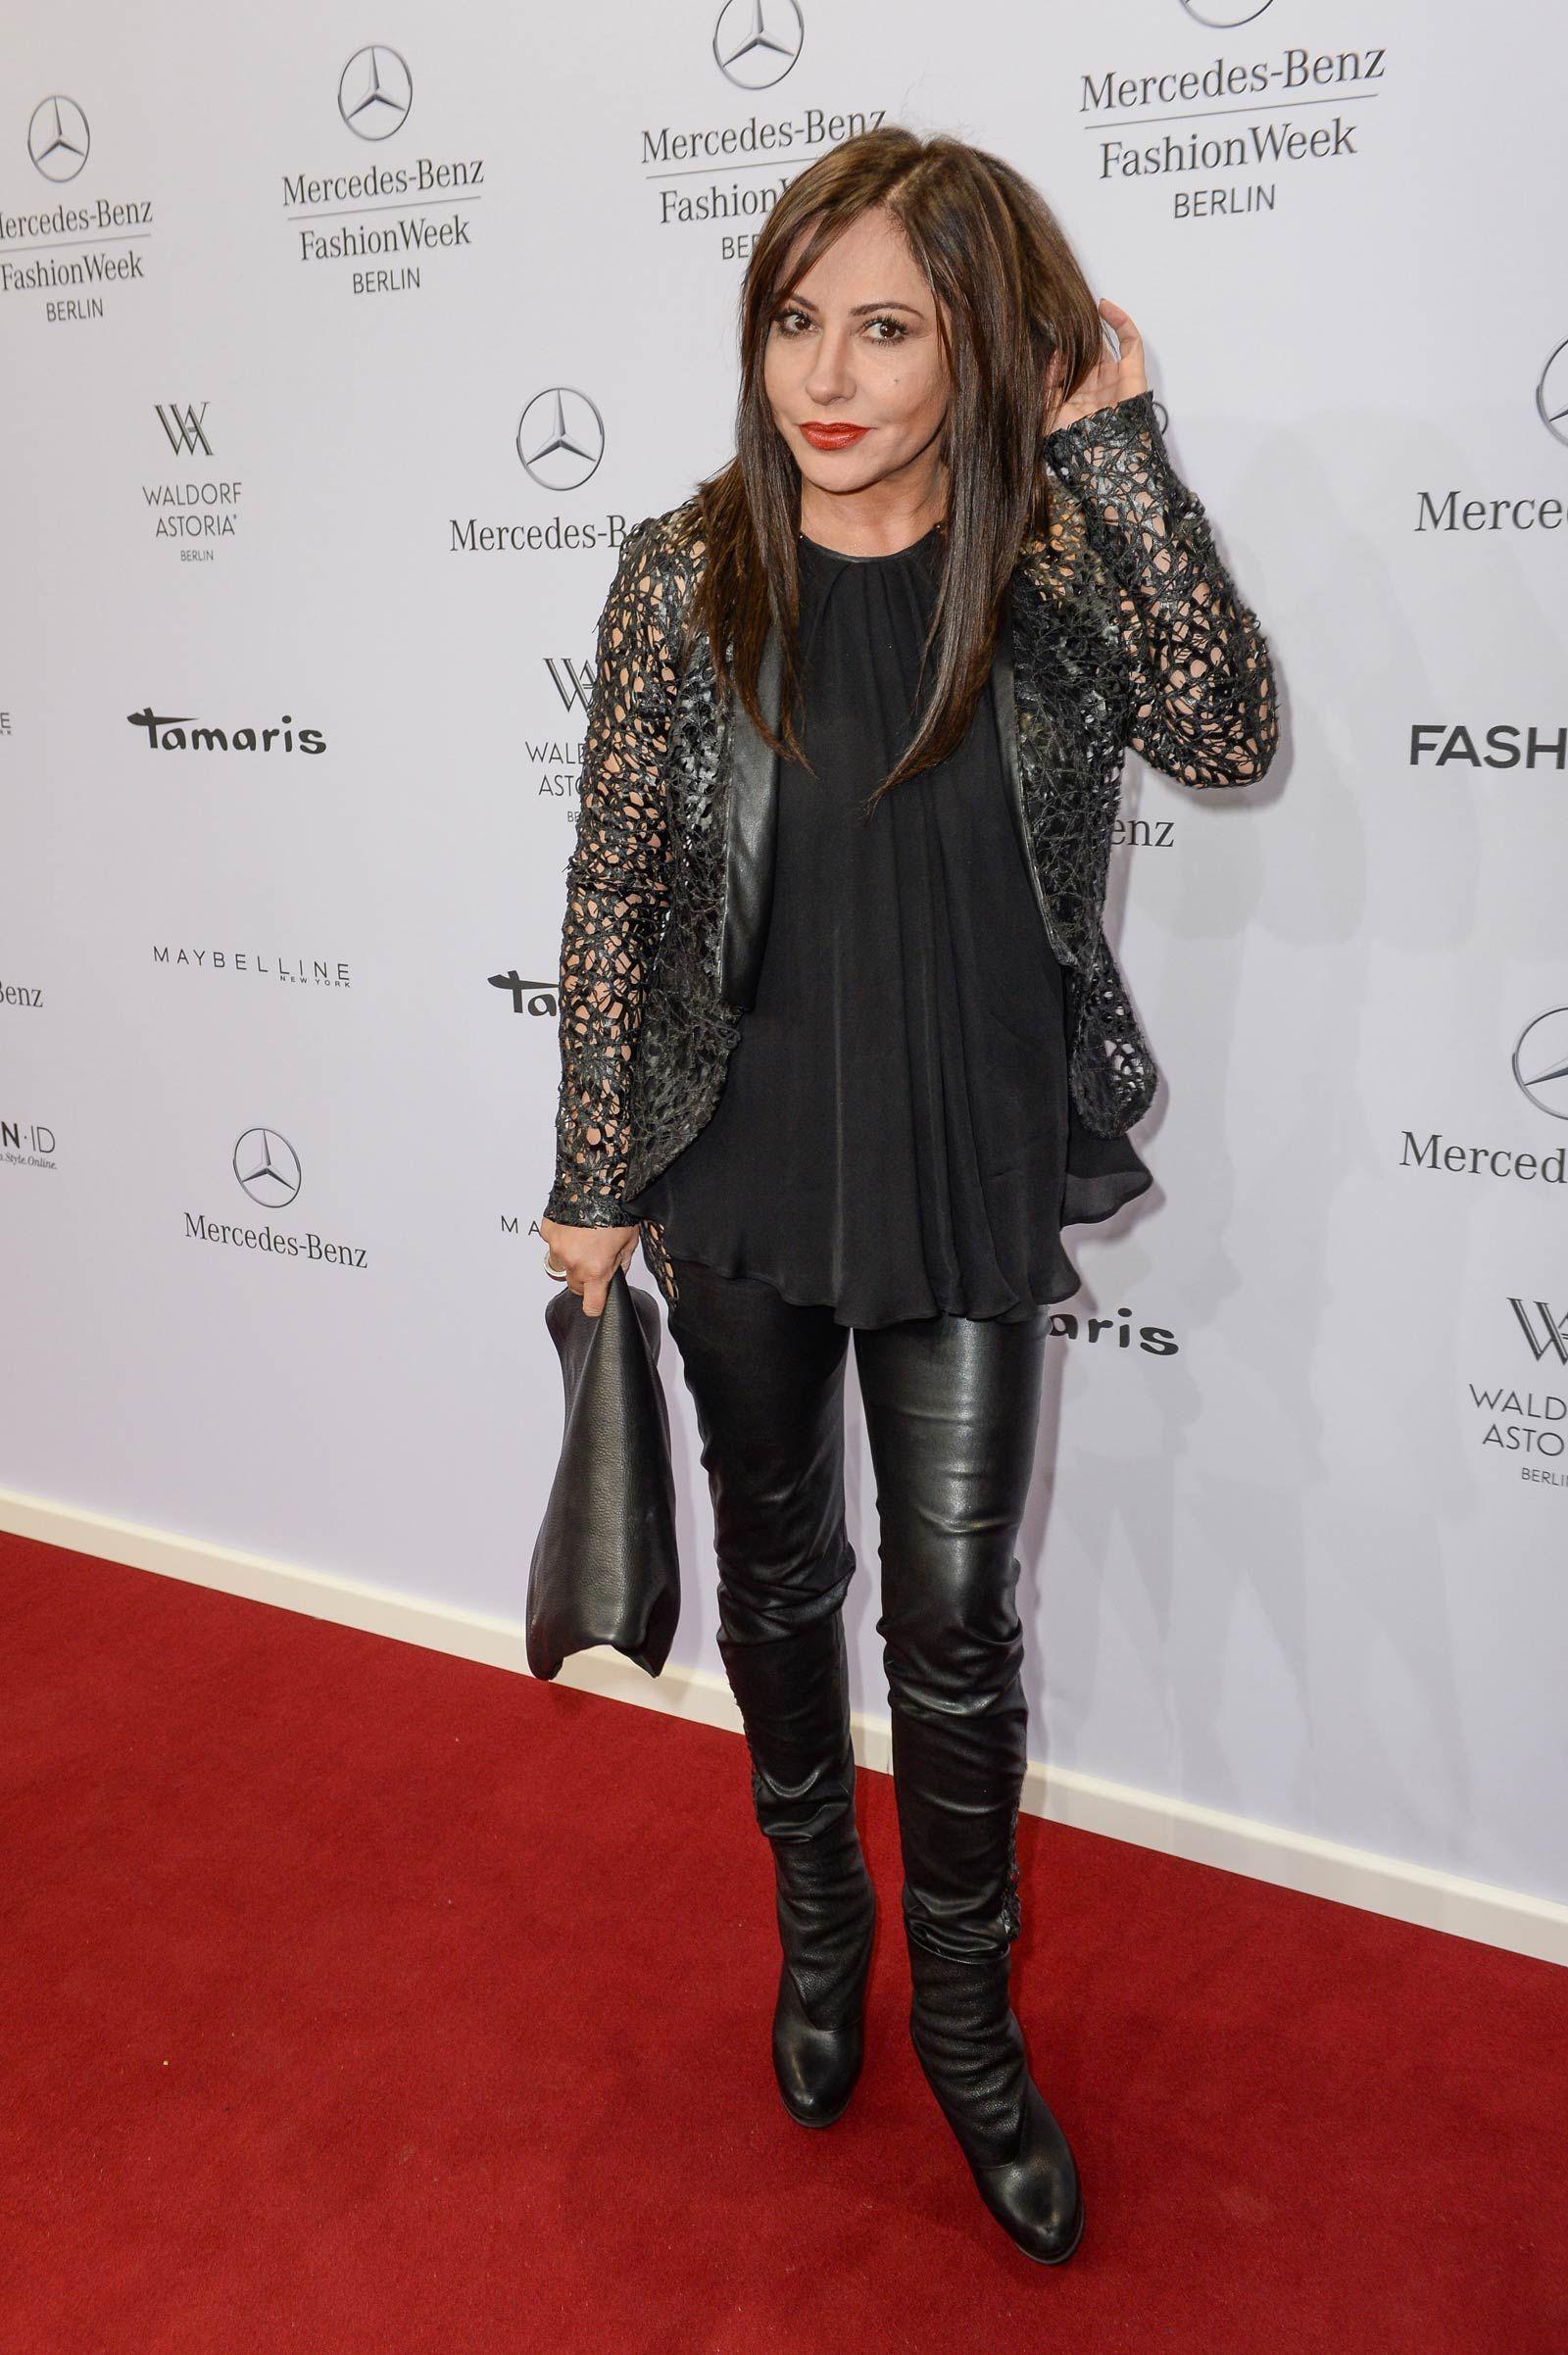 Abigail Dress Fashion Nova